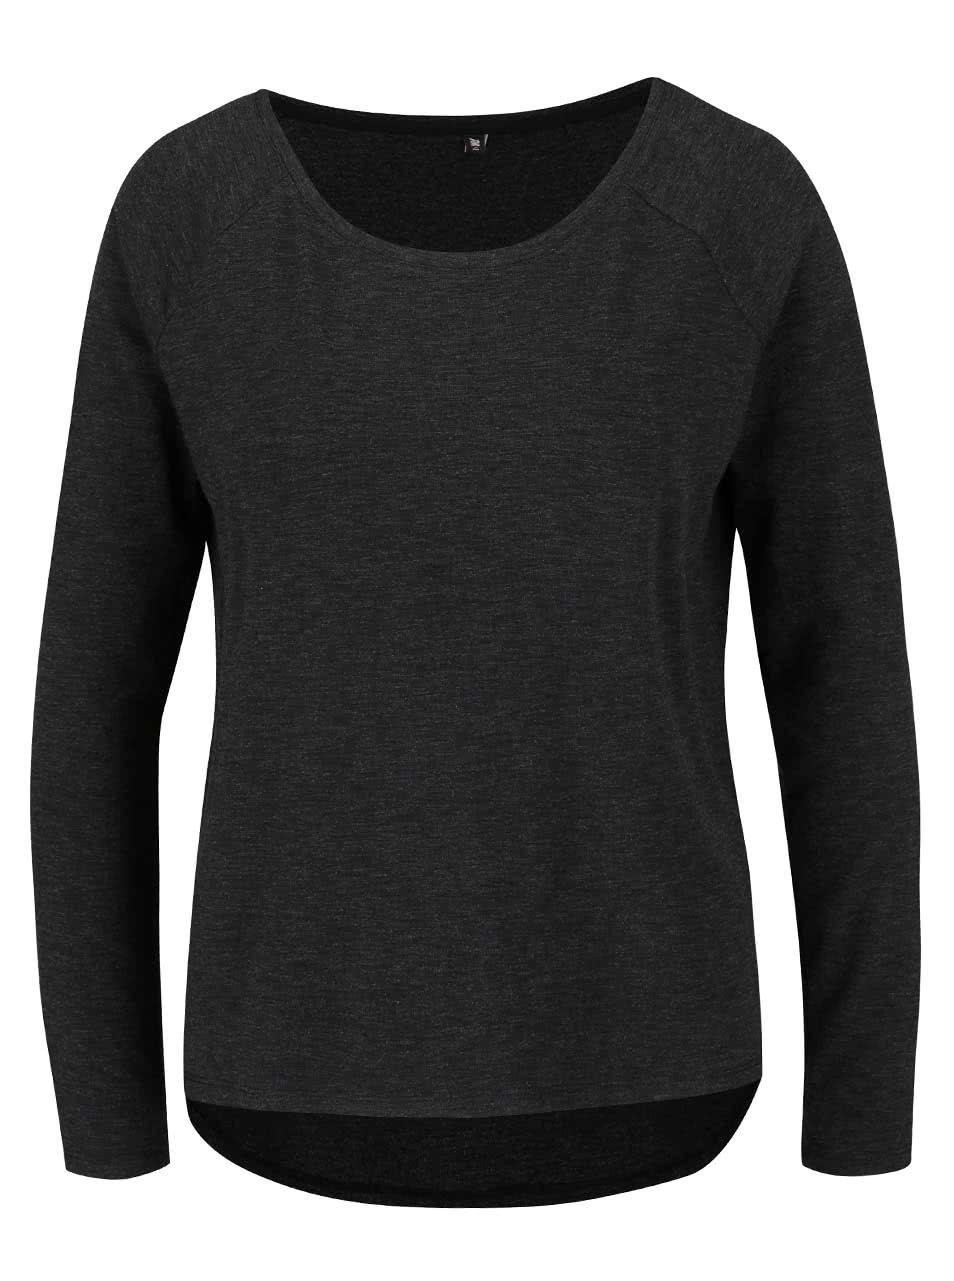 Tmavě šedé žíhané tričko s dlouhým rukávem ONLY Phoebe